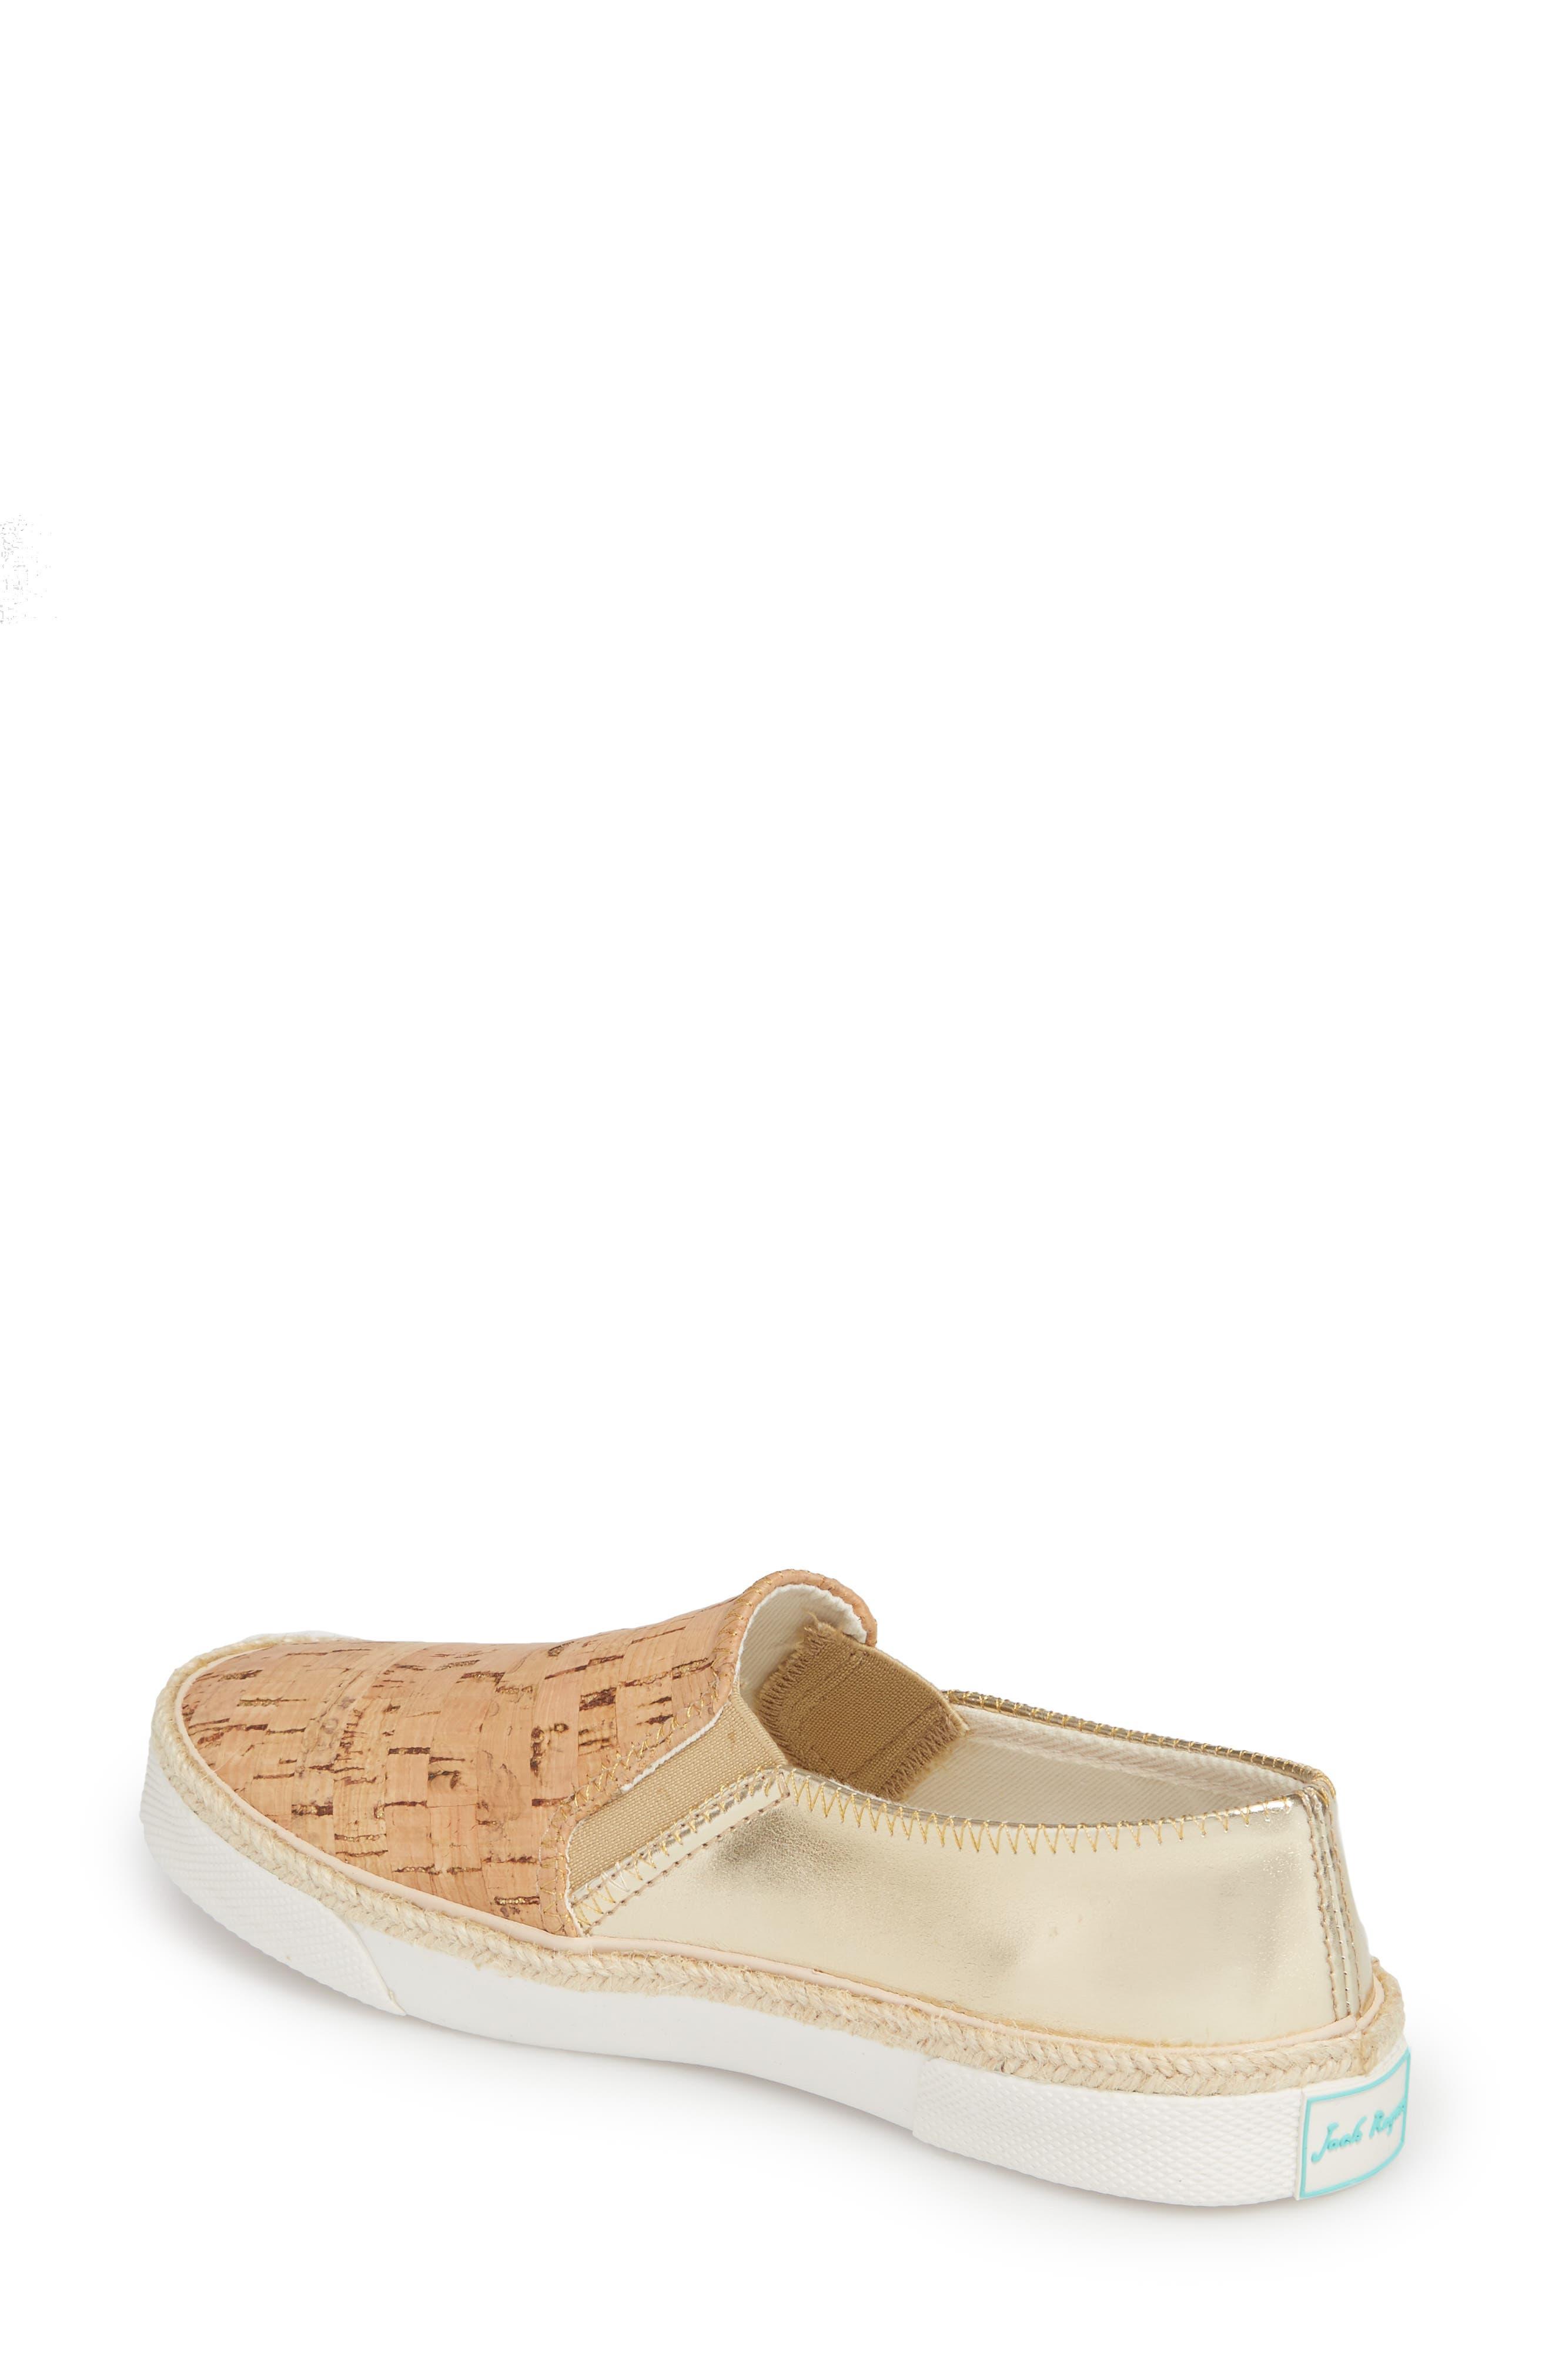 Alternate Image 2  - Jack Rogers Tucker Slip-On Sneaker (Women)